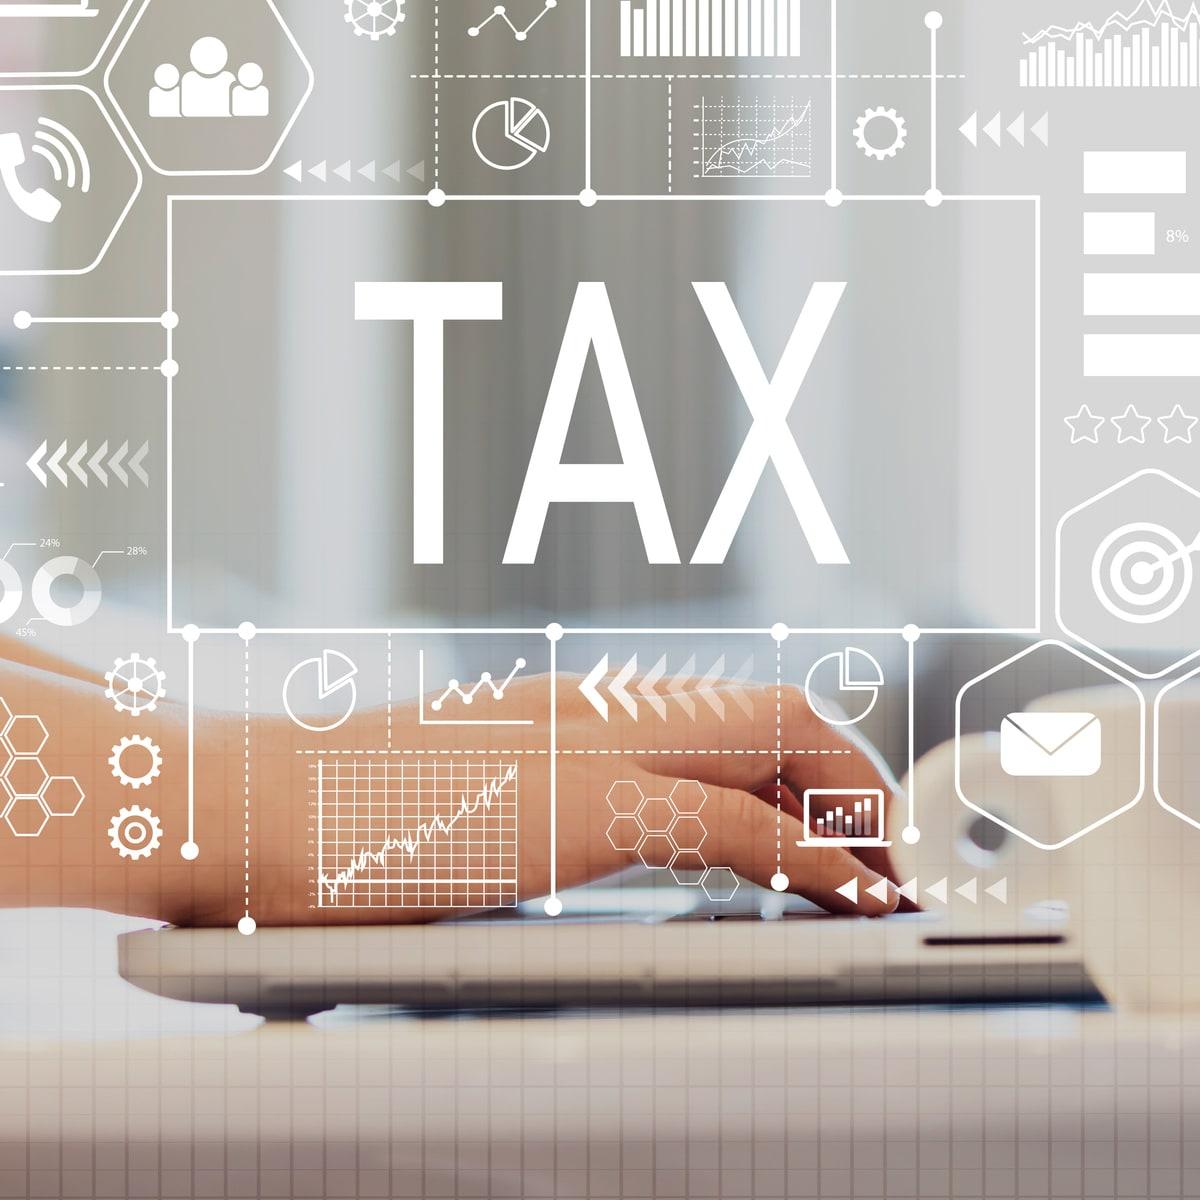 Minimum tax e Digital tax, la globalizzazione del fisco (Affari & Finanza - La Repubblica)